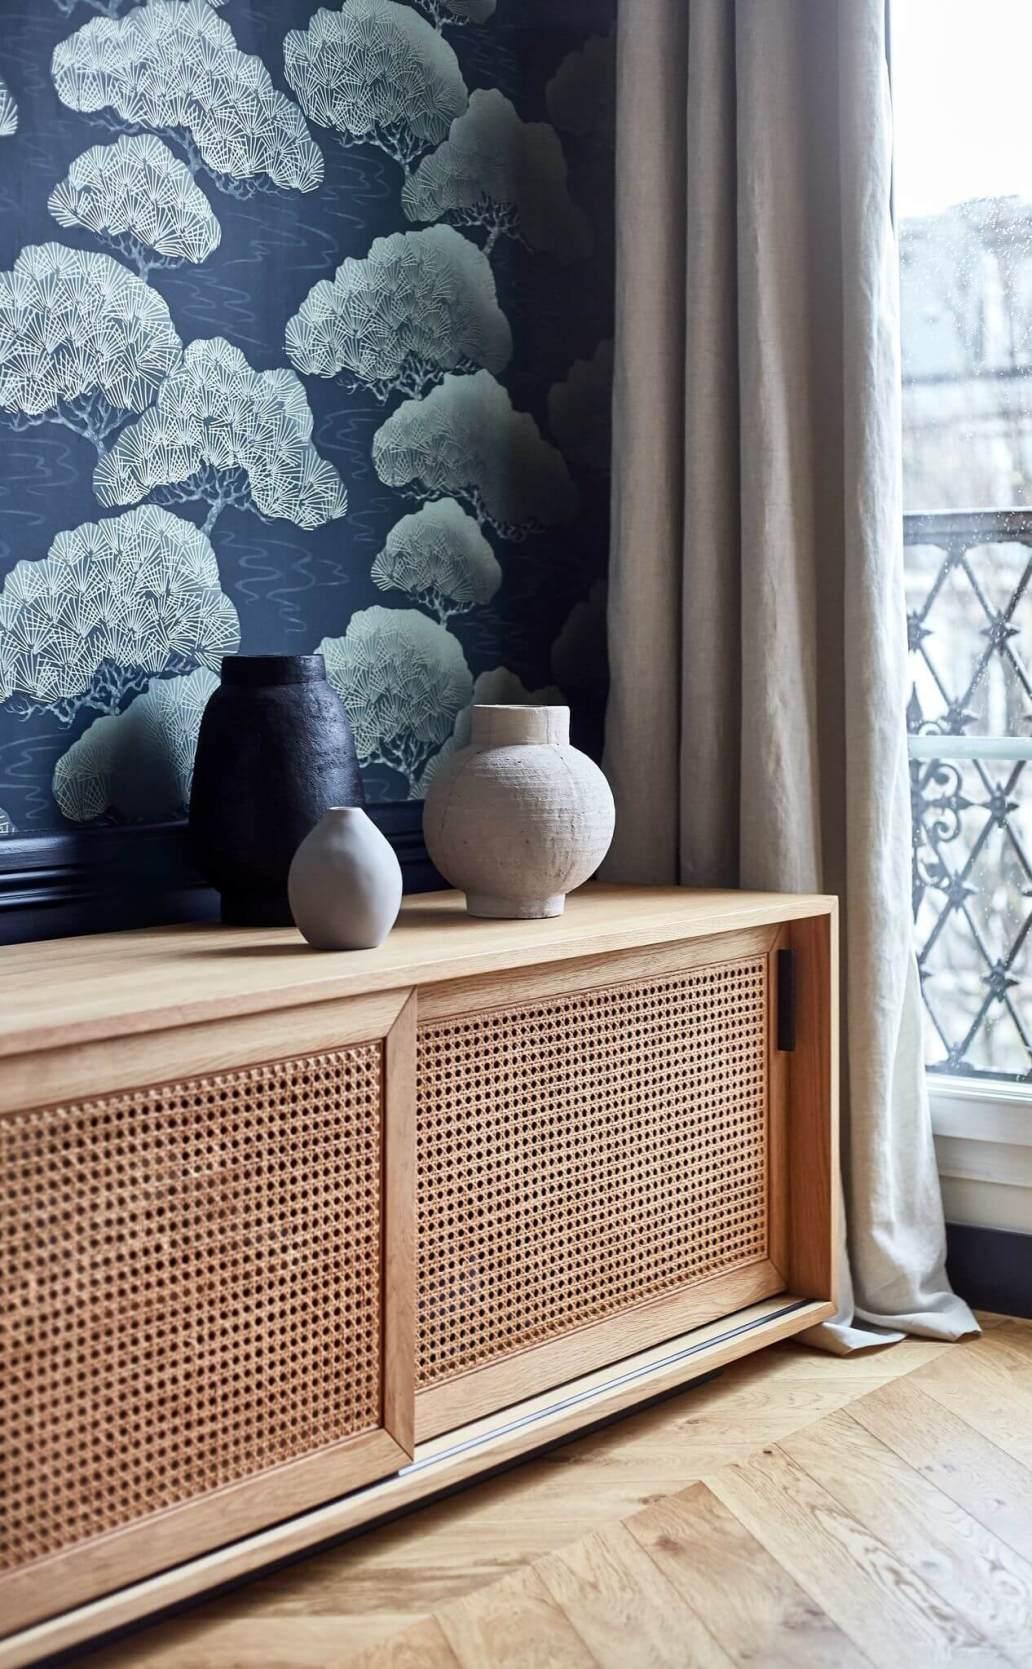 de nouveaux elements en adequation avec le caractere initial de lappartement 6114757 - Inspiration déco : 16 façons d'embellir les murs du salon